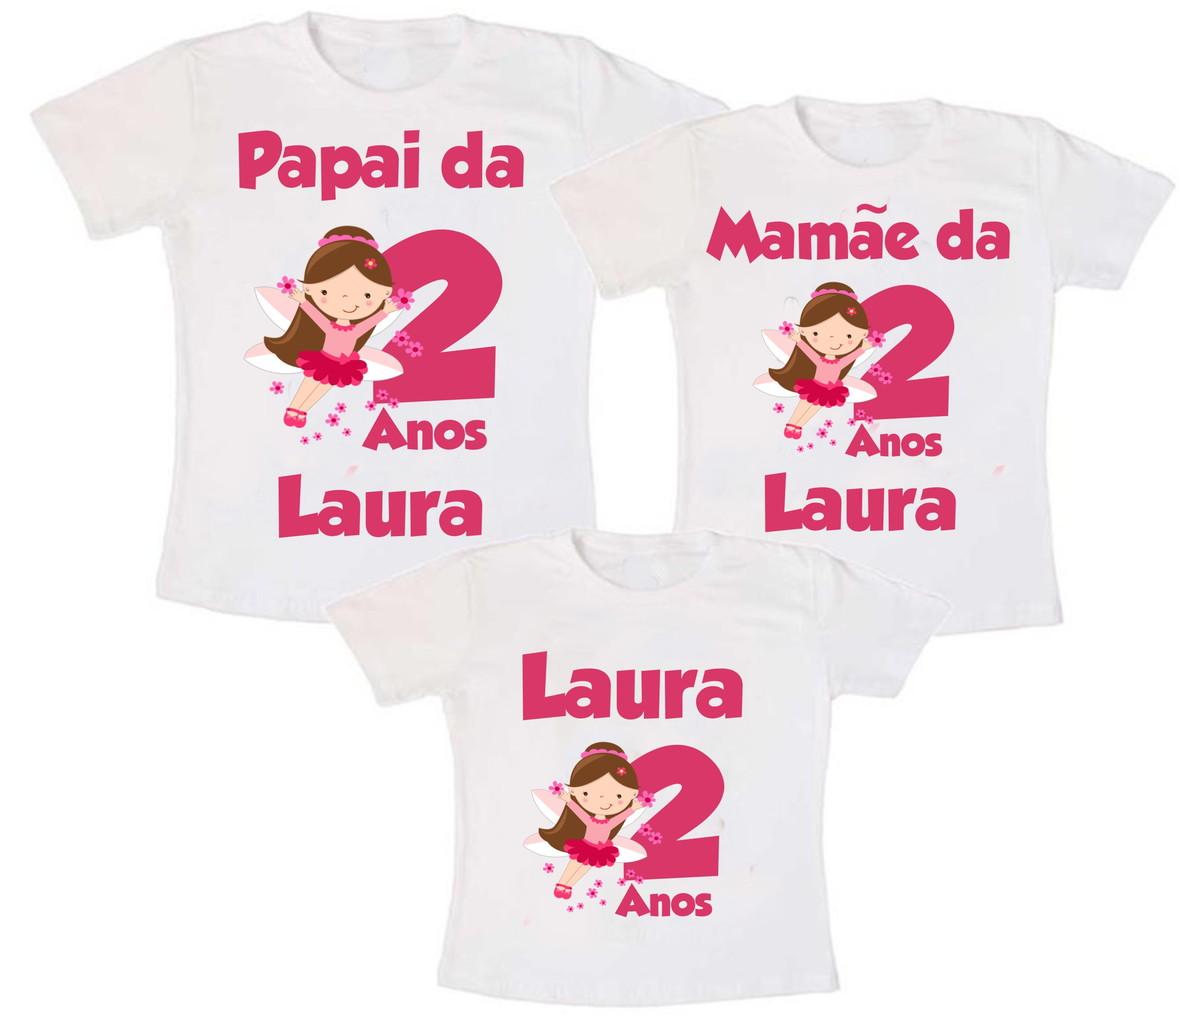 Kit 3 Camiseta Fadinha Aniversário no Elo7  9f4d35a5ed64a